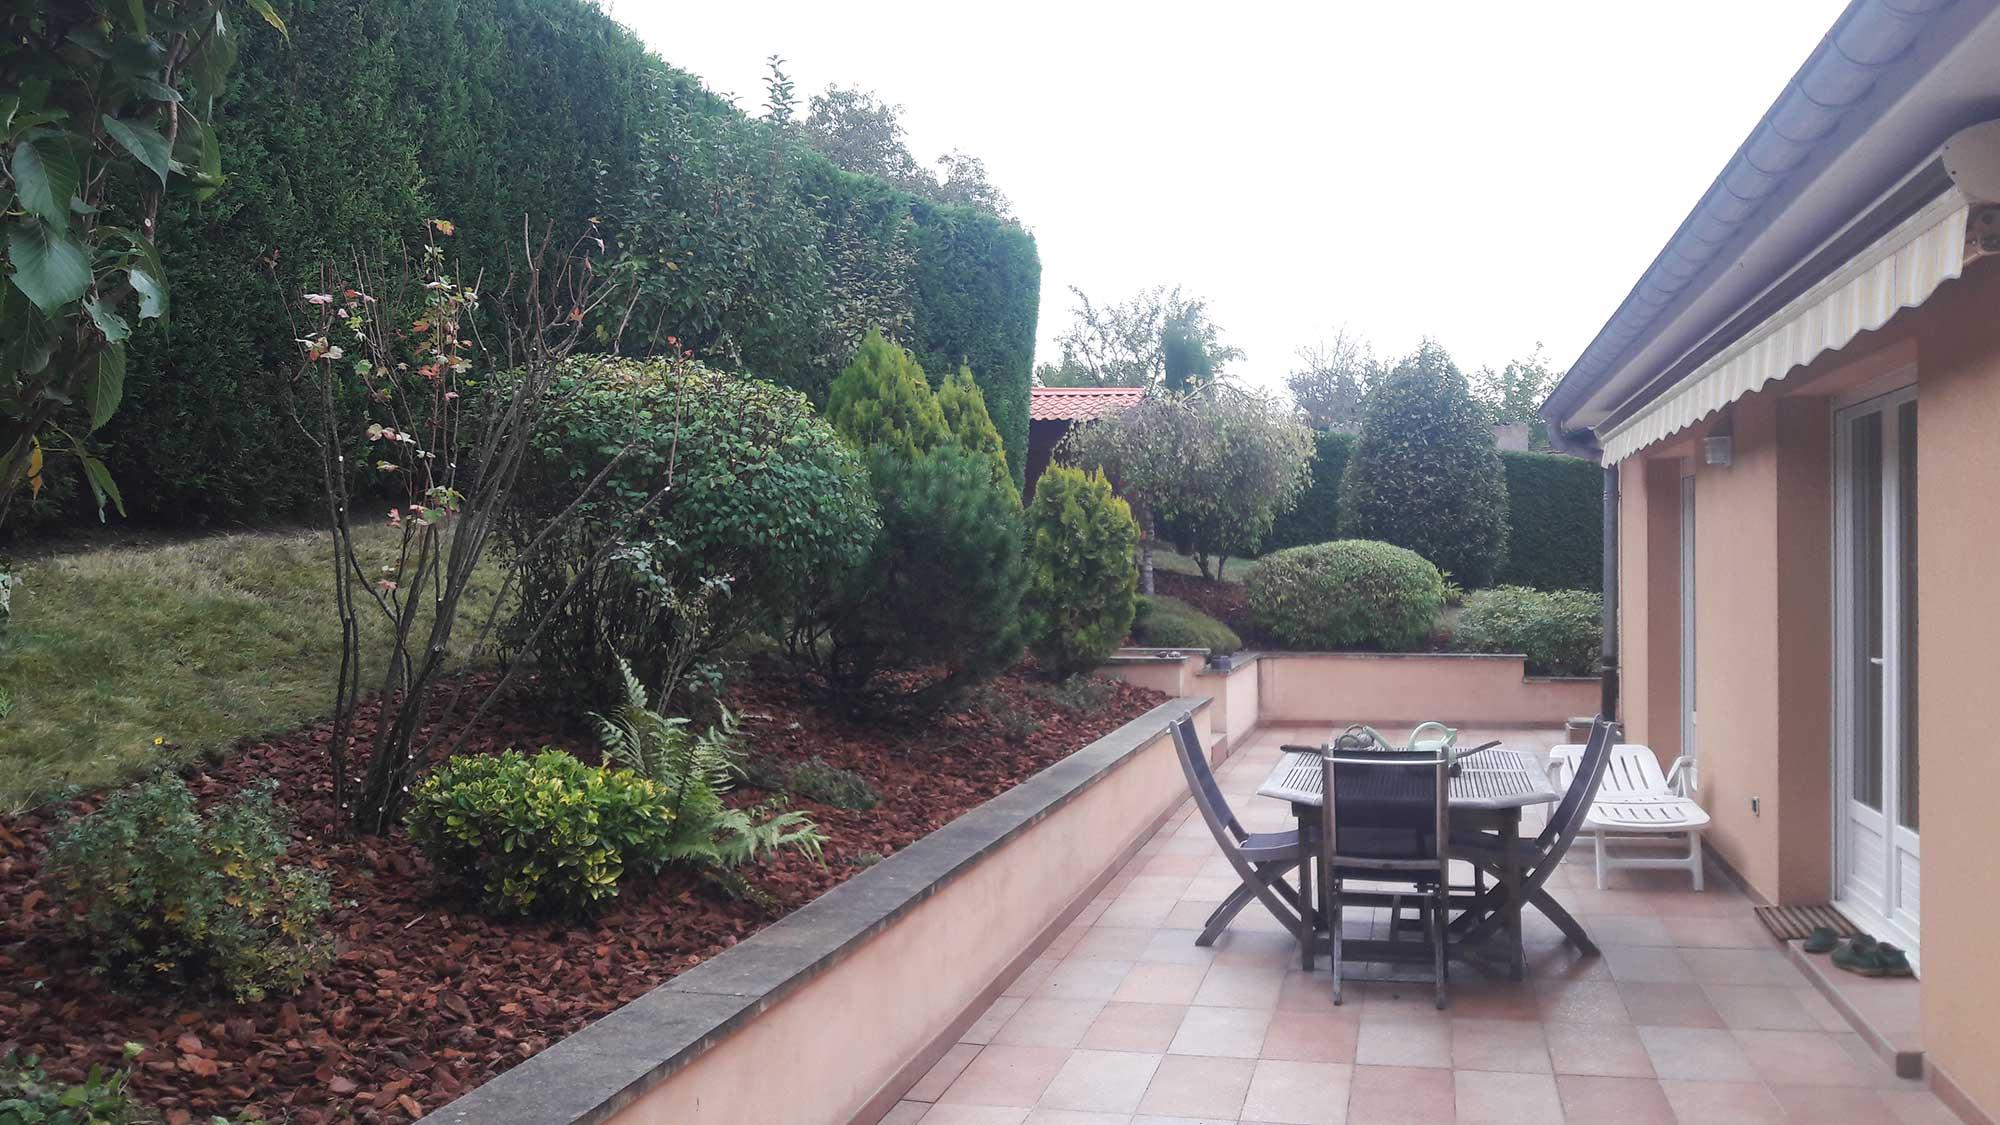 Entretien de jardin s a r l des tailles d 39 arbres for Entretien jardin 76